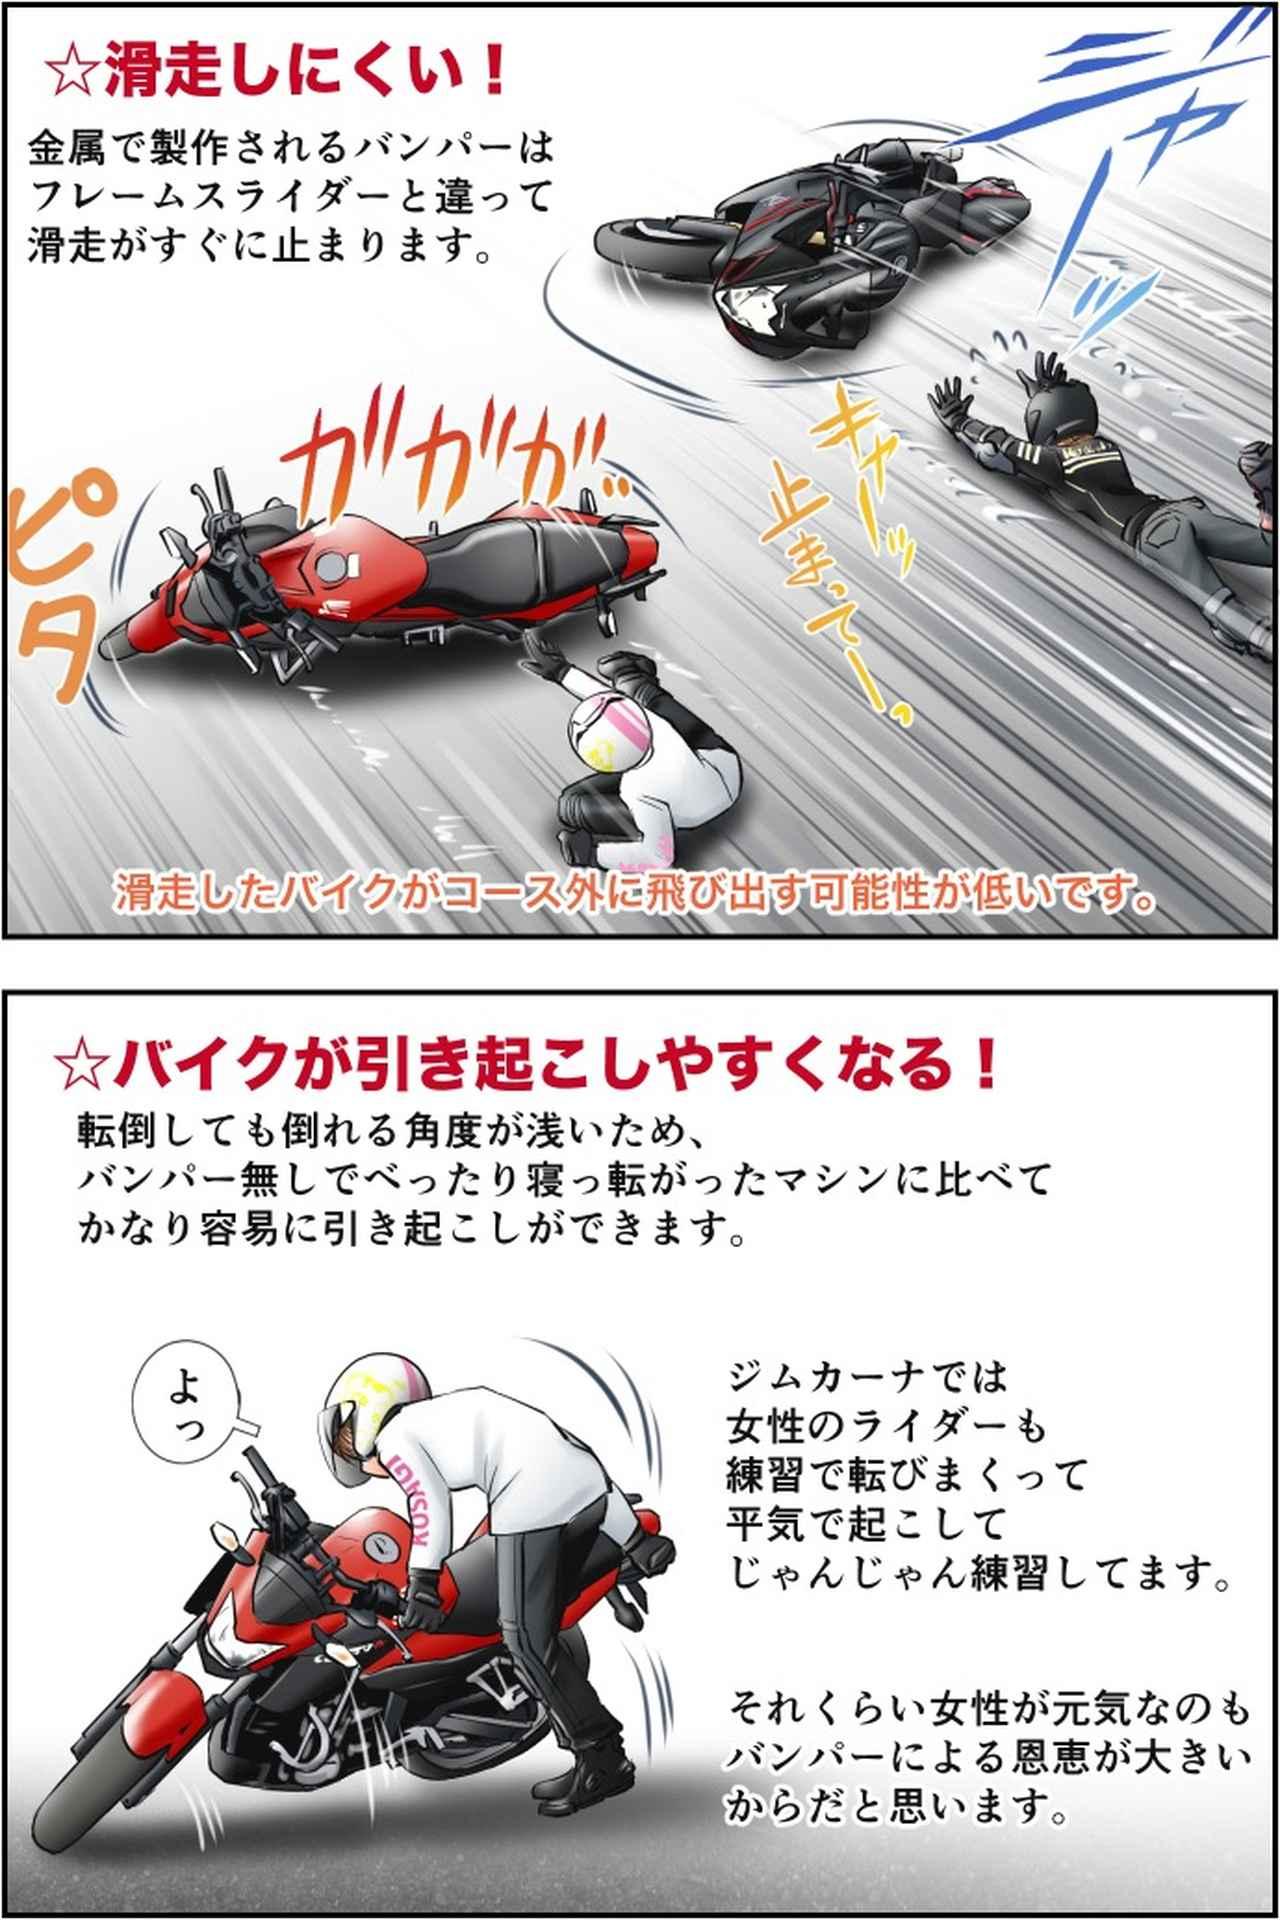 画像2: Motoジム! おまけのコーナー(ジムカーナバンパー!)  作・ばどみゅーみん